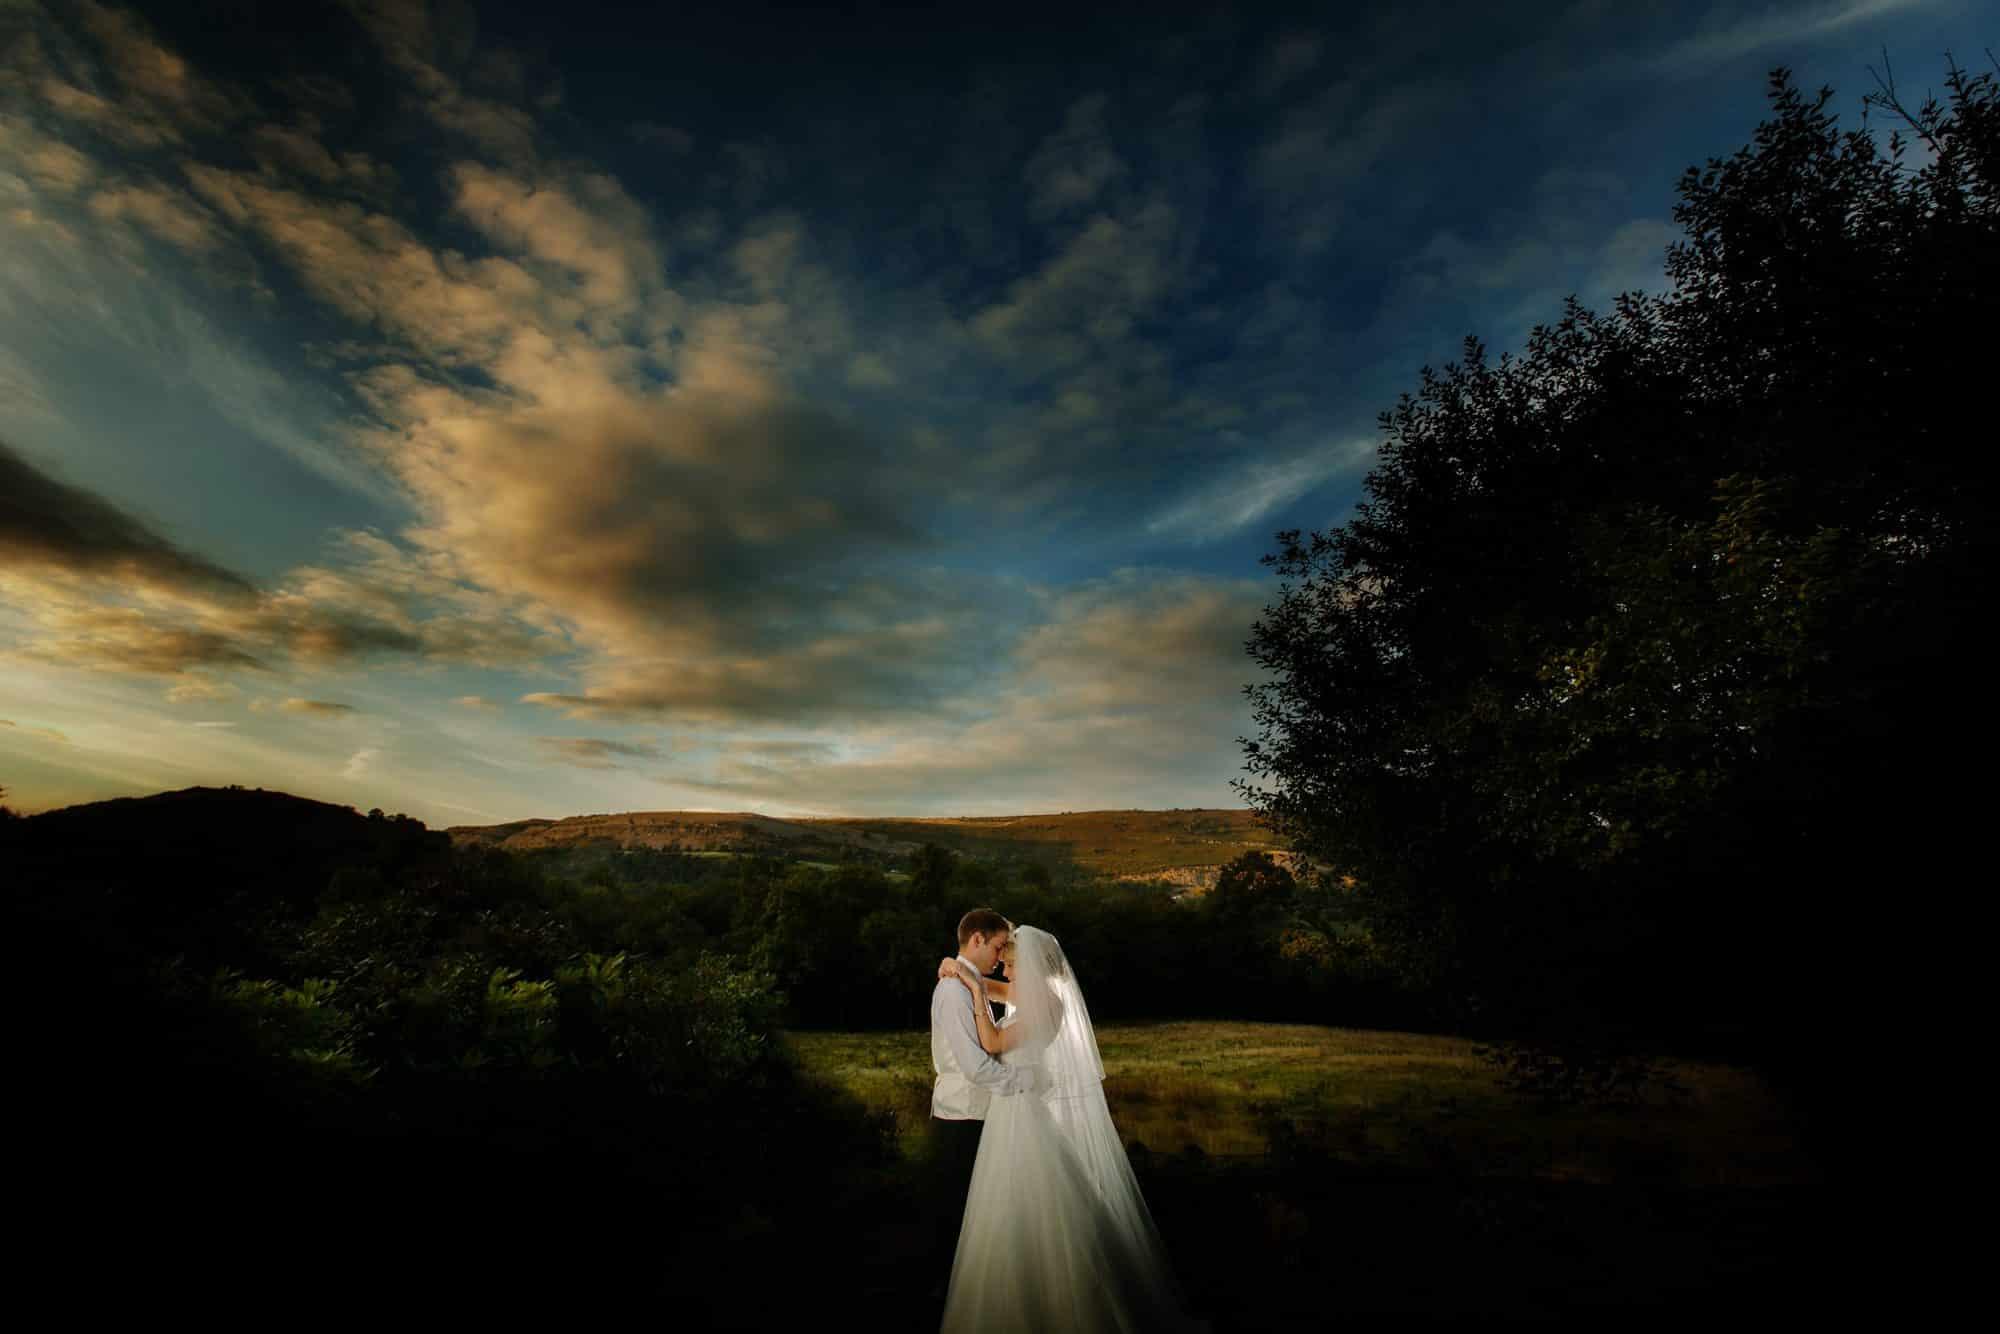 Shropshire documentary wedding photographer captures couple at sunset